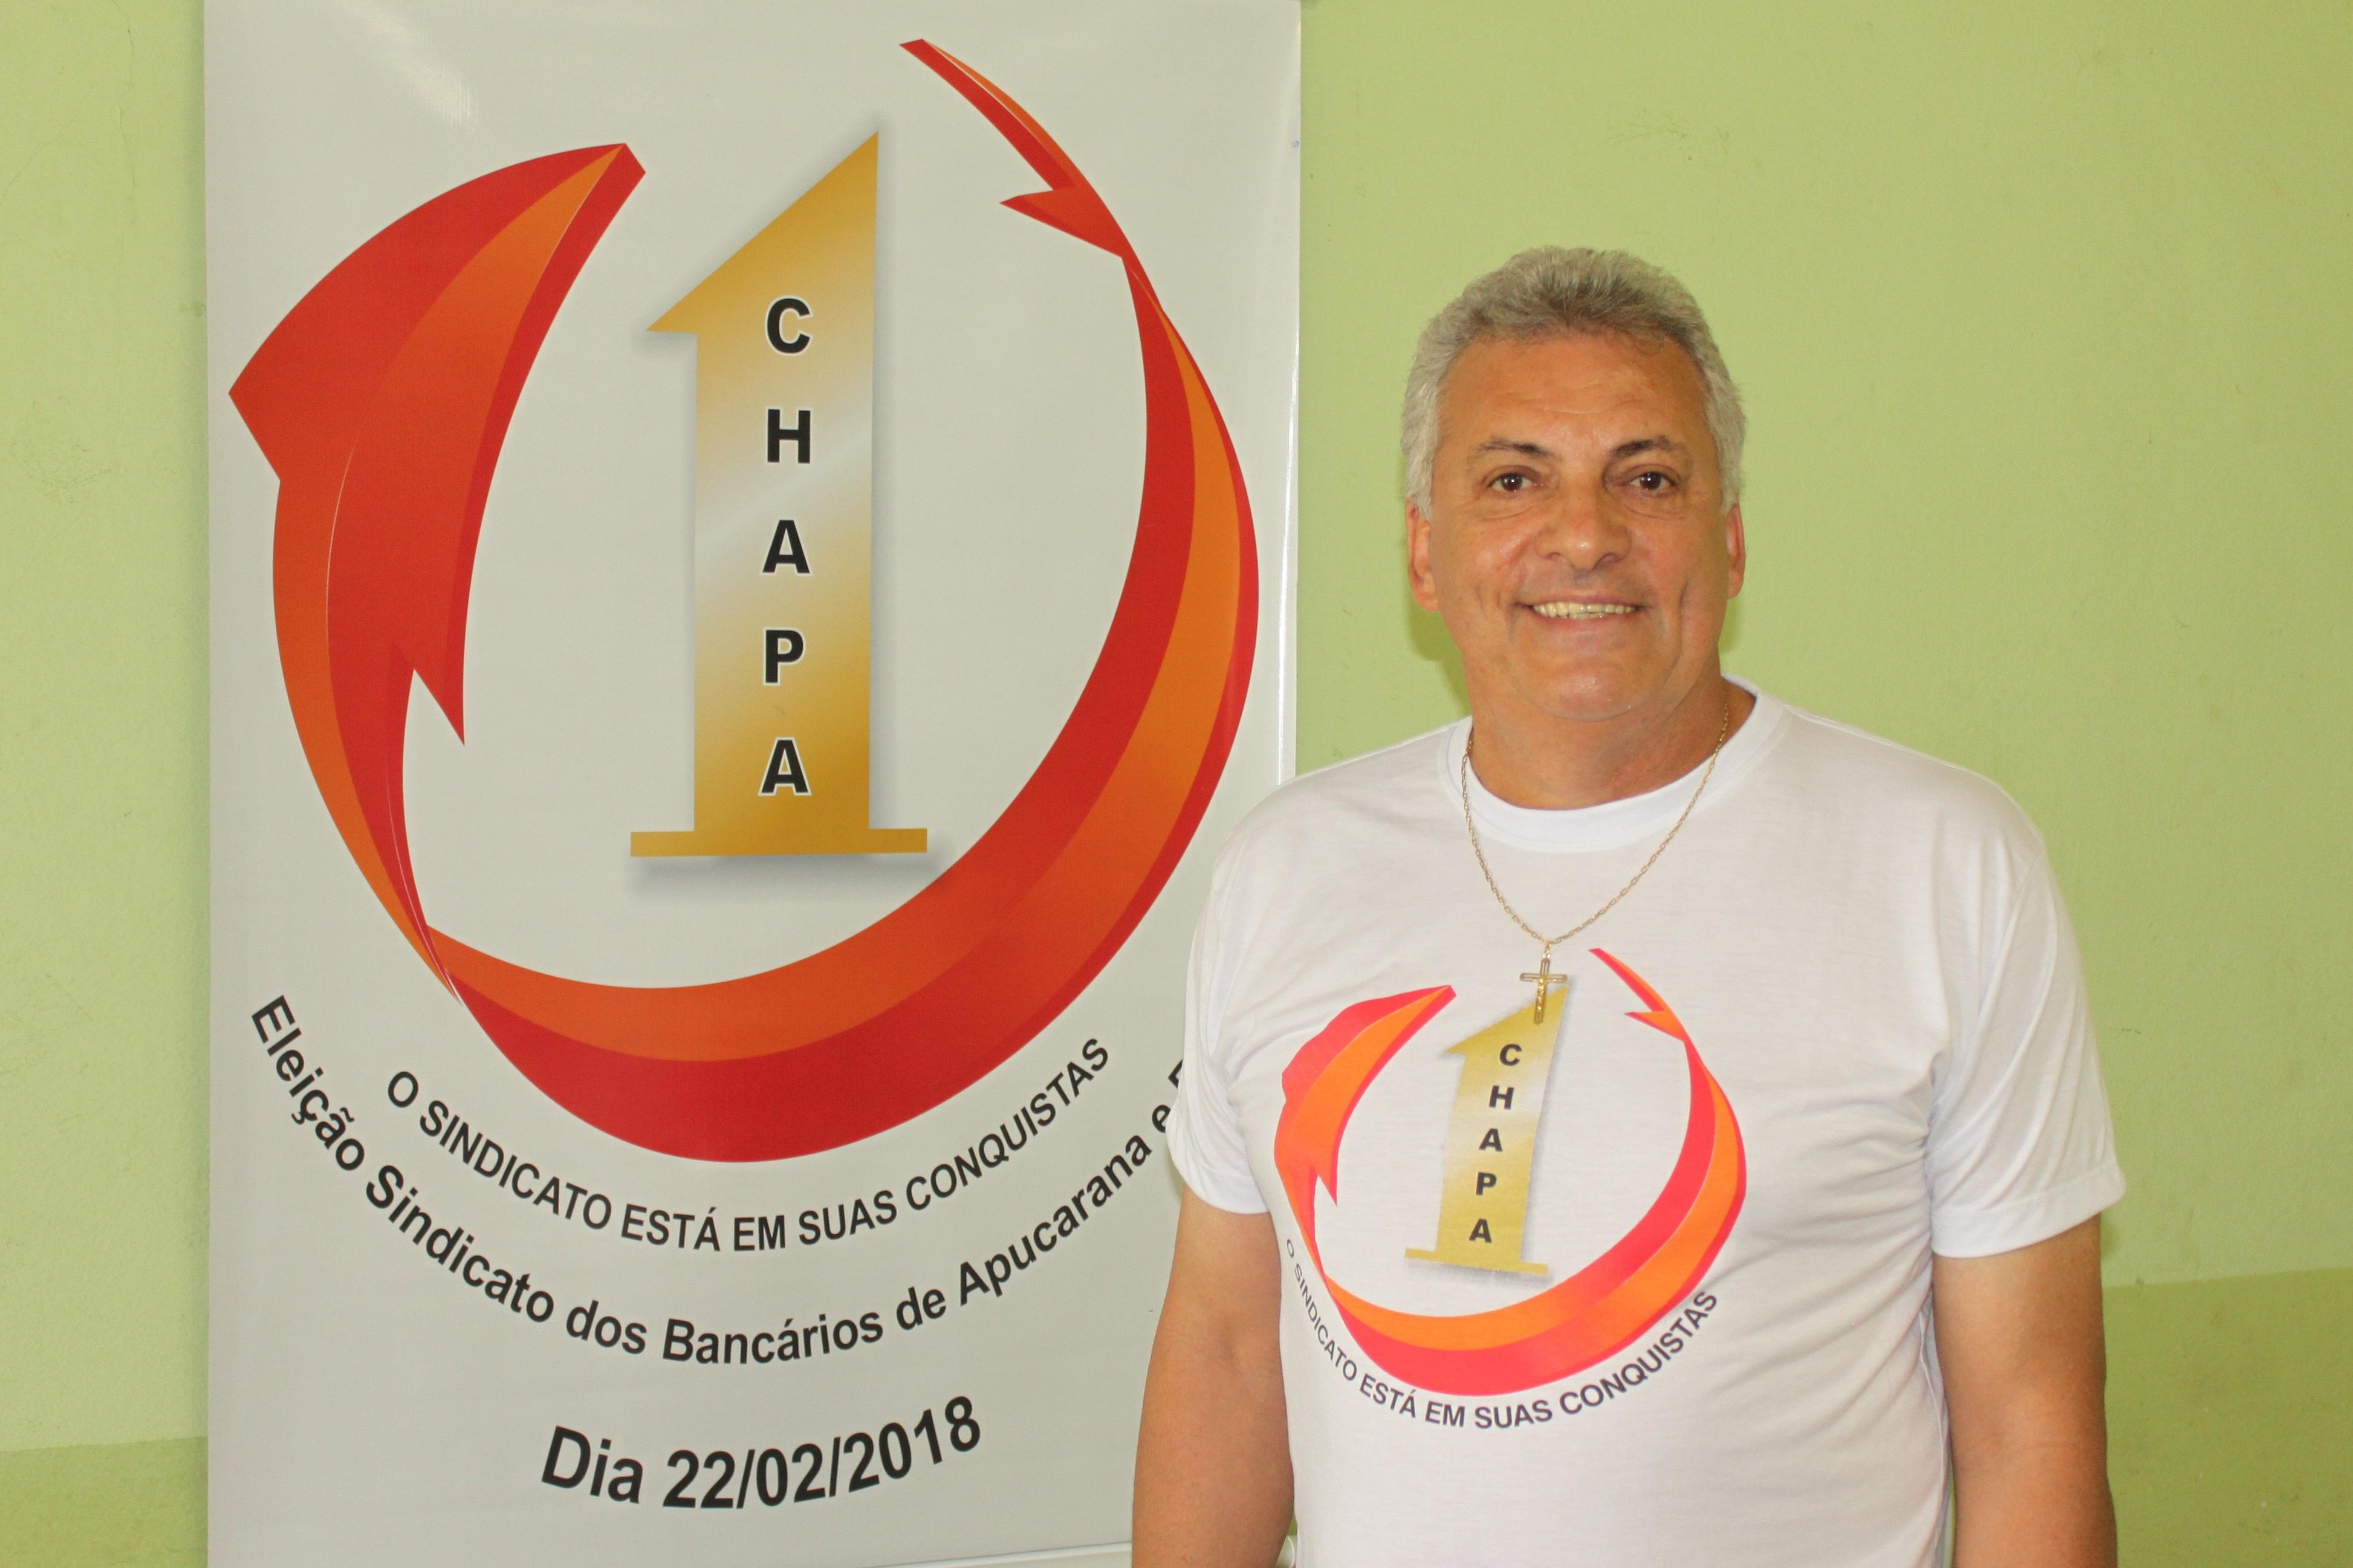 Antonio Pereira da silva - Sec. Administrativa Itaú Apucarana